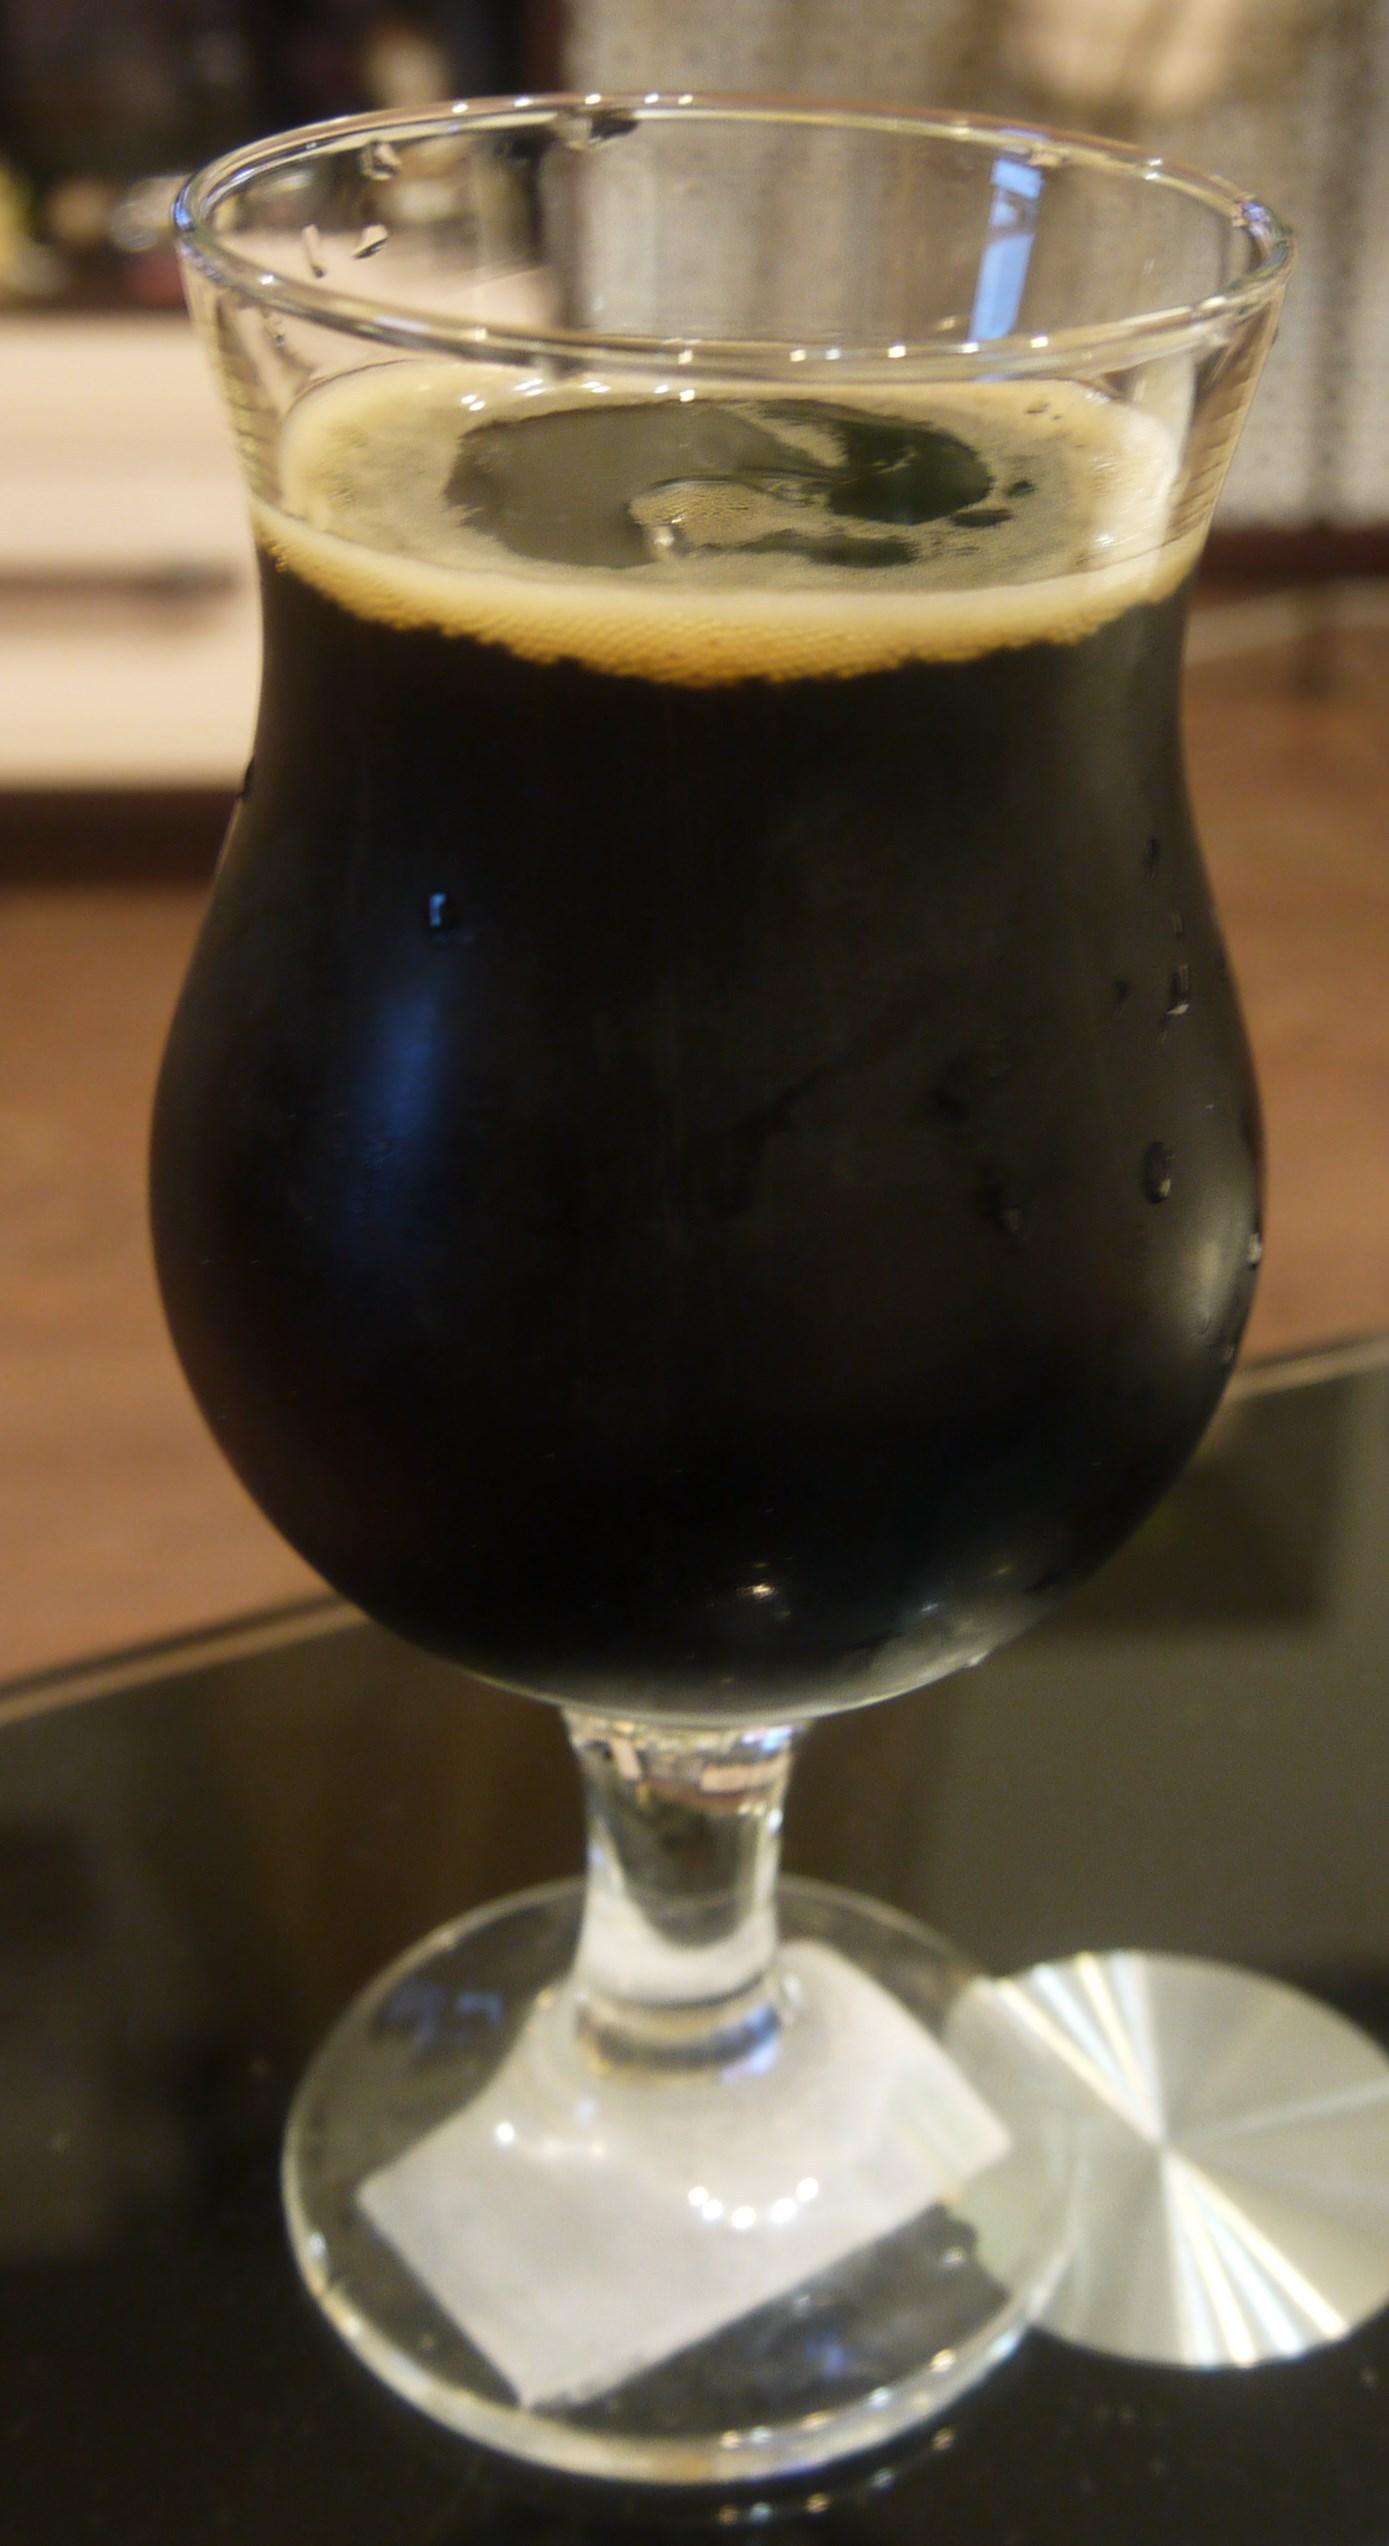 фото домашнего пива из квасного сусла